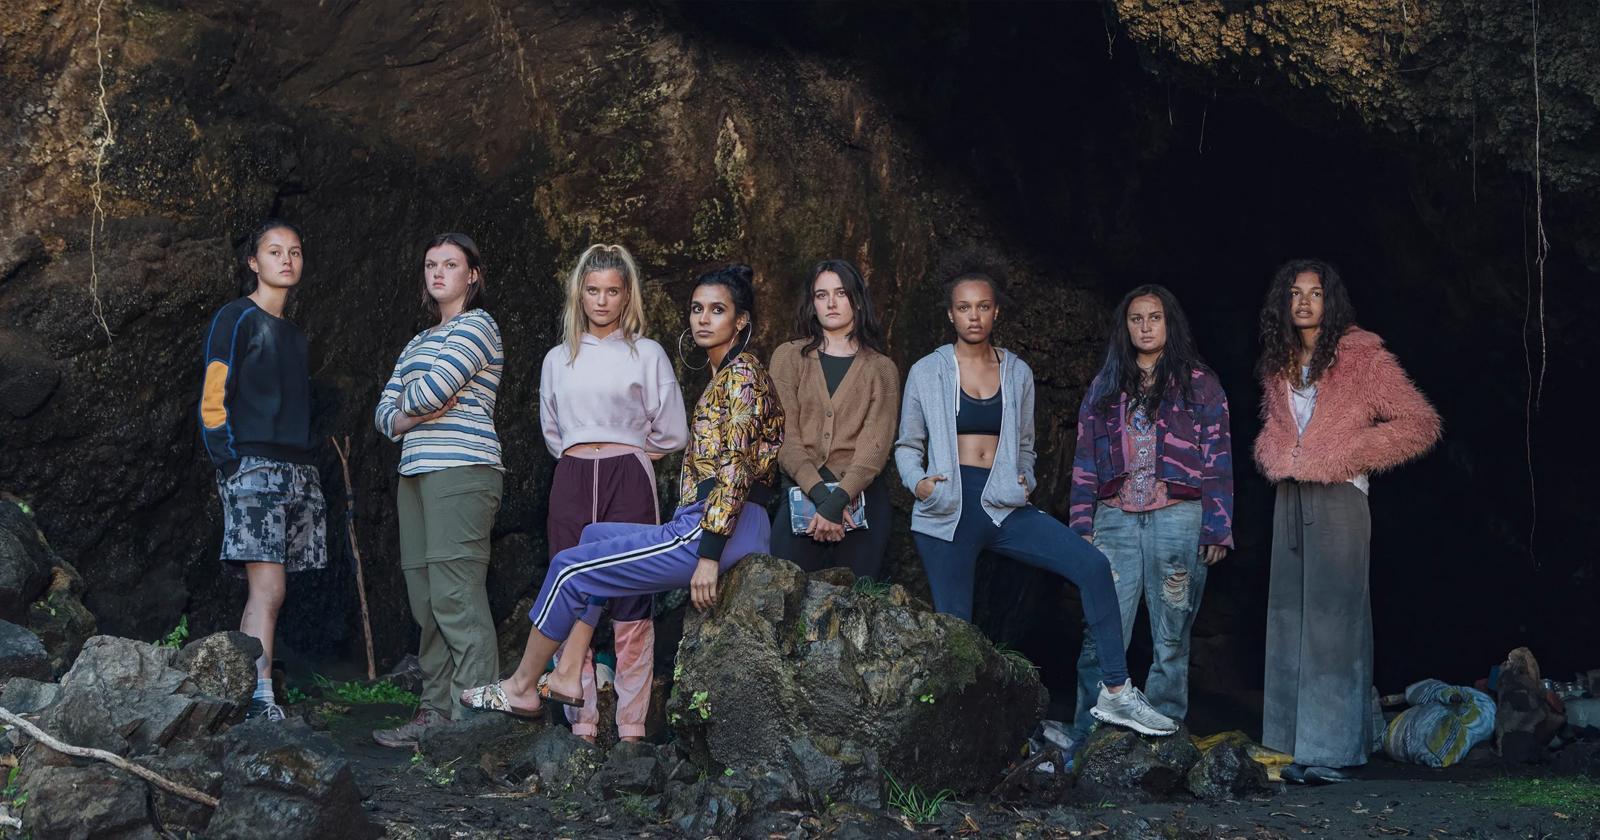 El elenco de Salvajes frente a una cueva. De izquierda a derecha: Toni, Dot, Shelby, Fatin, Leah, Rachel, Martha y Nora.